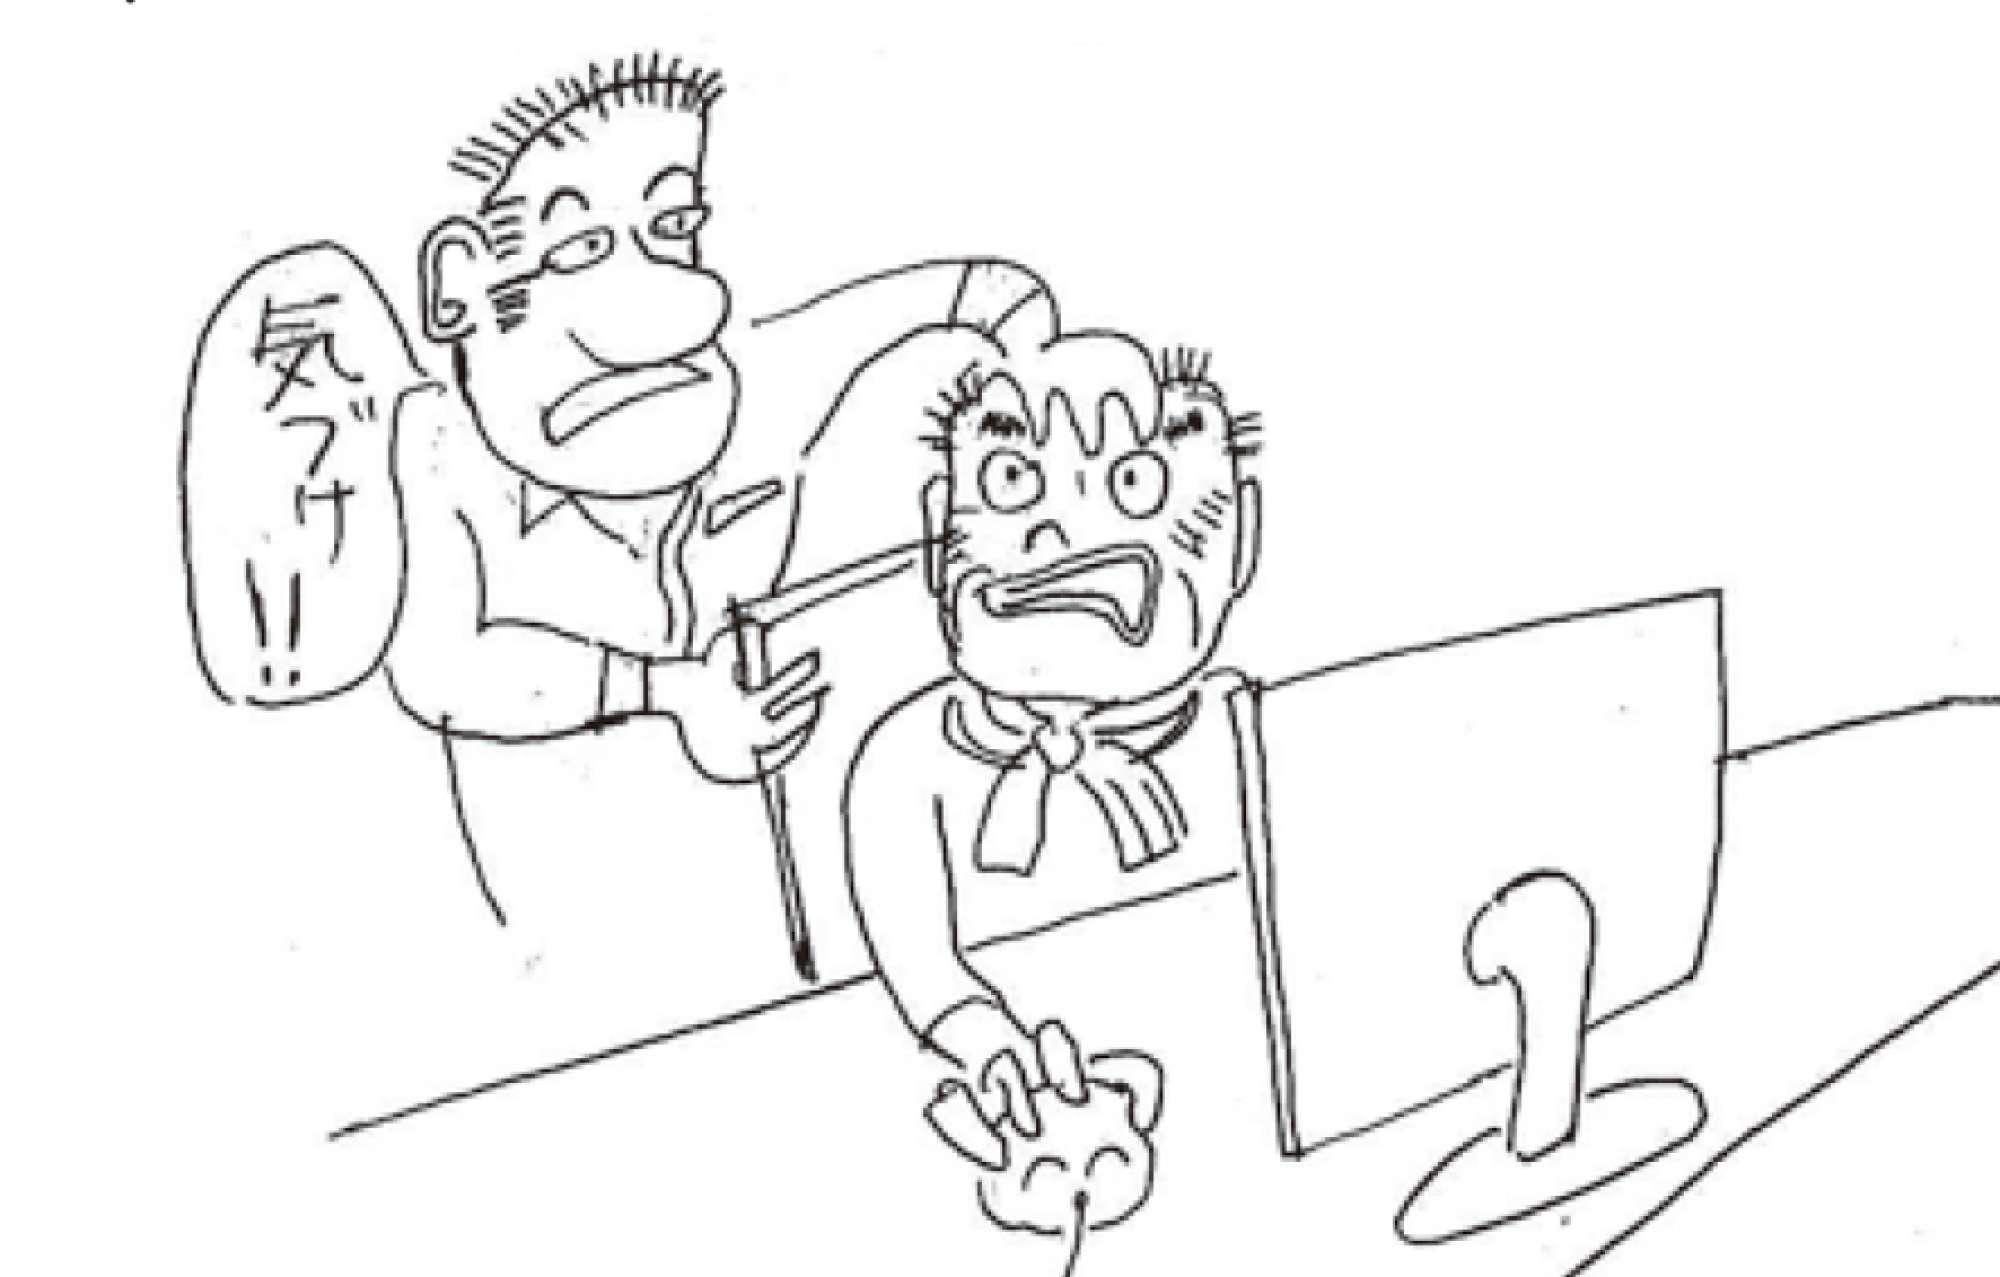 - 社長が事務所内を歩いている風景について、気づいていることがあります。席順は、社長→坂本→中村→(廊下)→浅野→番場→経理、となっており、社長が経理の人に書類を渡すためにみんなの席の後ろを通ります(5~6メートル程度)  坂本さんは、椅子を前に出して通りやすくします(無言で)  中村さんは、椅子を前に出して通りやすくします(無言で)  浅野さんは、椅子を前に出して通りやすくします(無言で)ここまで何事もなく社長はすっと歩くのですが、いつも番場さんの後ろを通る時にぶつかっています。社長も『どけてよ…』と言わんばかりですが、番場さんは『え…何が…?』という顔をしております。どちらも無言ですが空気で解ります。およそ3秒くらい経ってからようやく番場さんが「あっ! …あぁ」というふうにしぶしぶ椅子を前に出しています。このやりとりが毎回行われてます。毎回です。日常のささいな風景です。みんなの向かい側に座っている僕は、あえて何も言わずに見守っています。 -  -